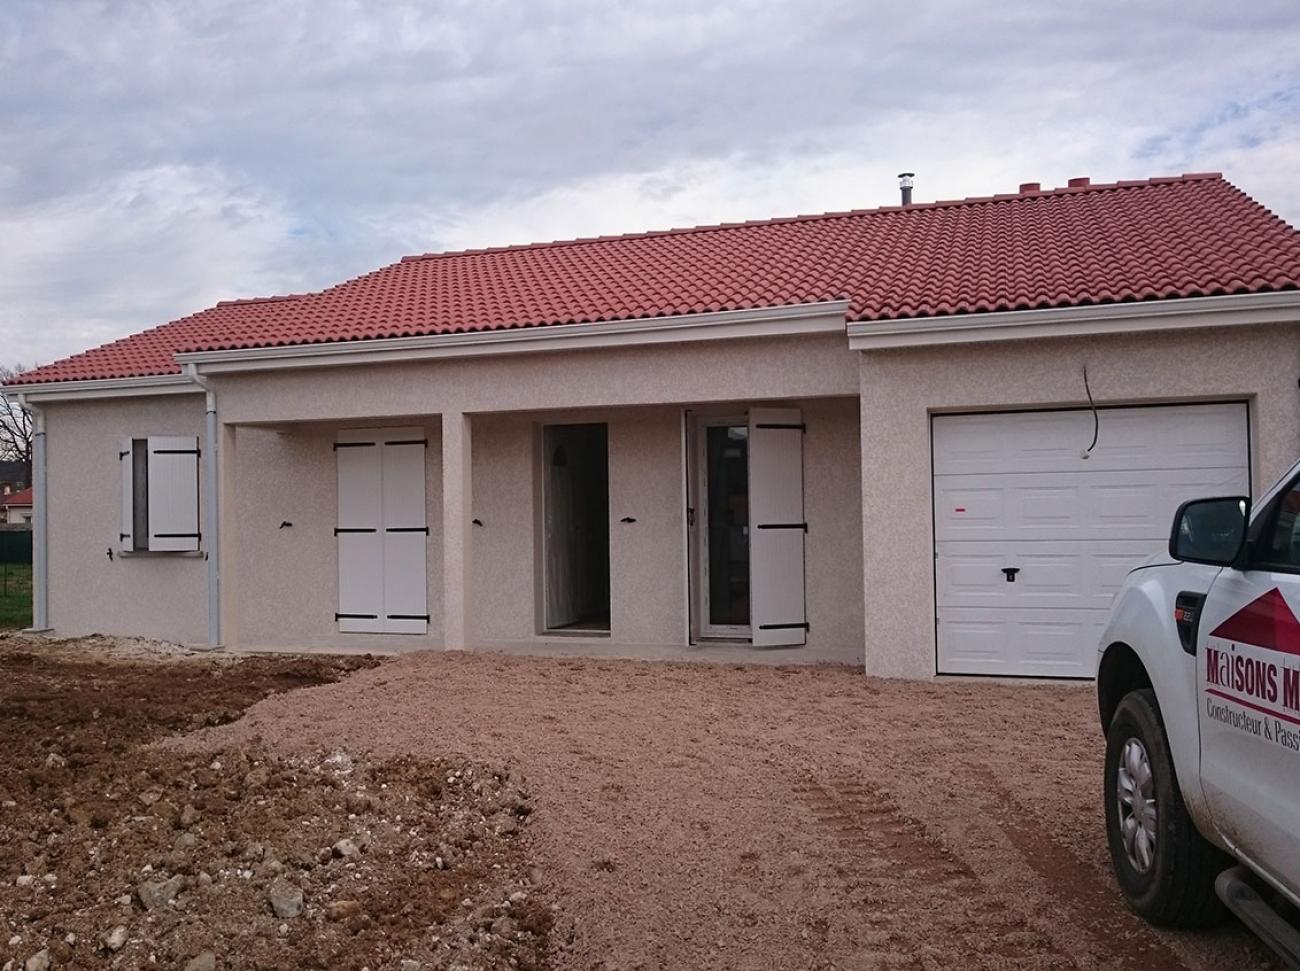 Constructeur maison individuelle clermont ferrand 63 vichy 03 for Constructeur maison individuelle 69